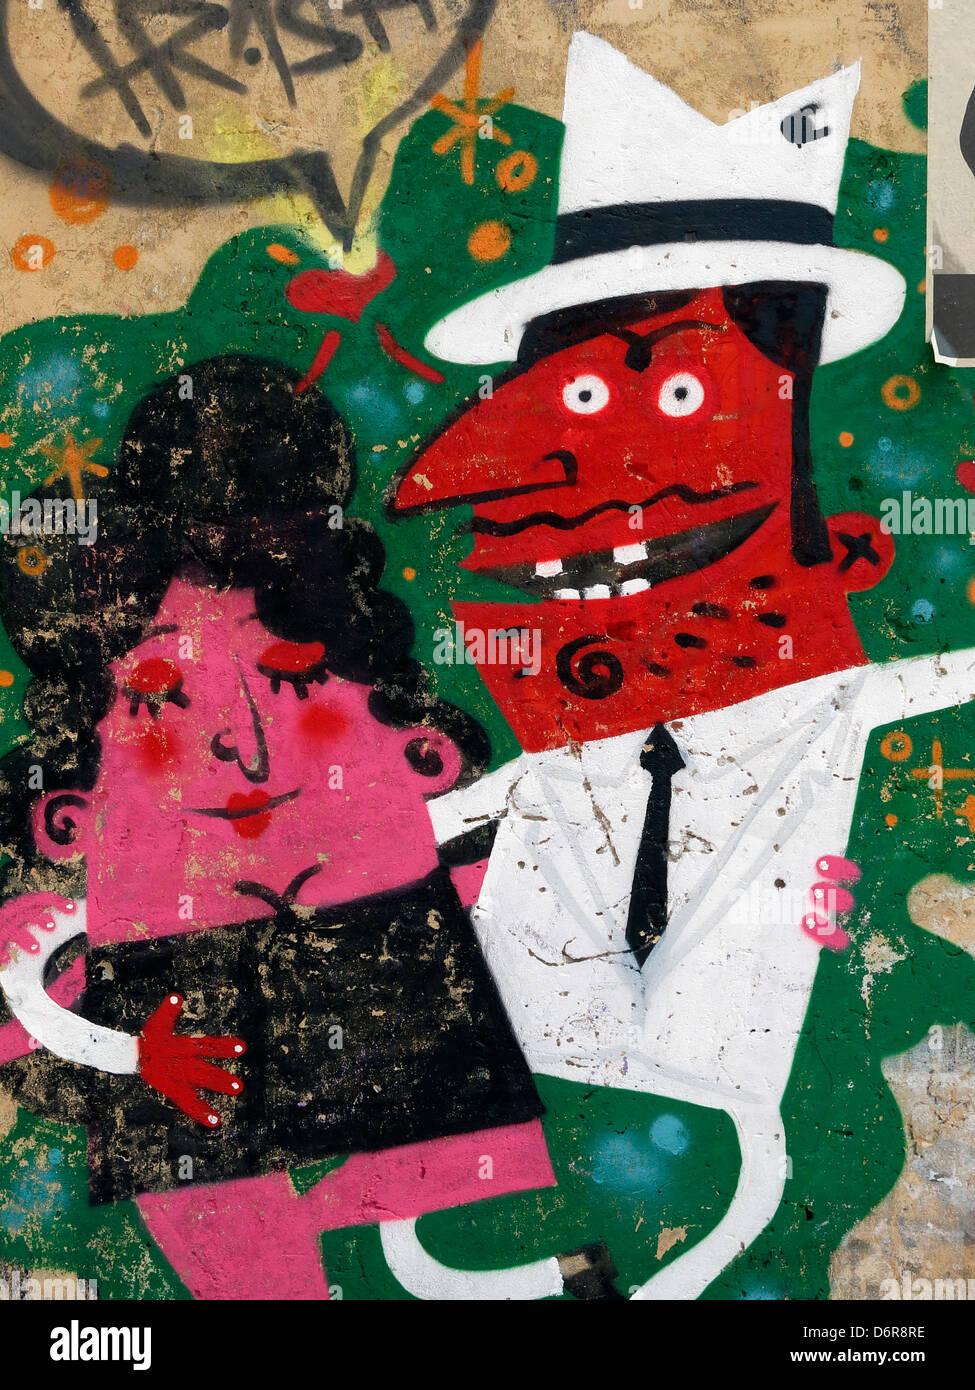 Arte di strada murale a Bogotà, in Colombia. Immagini Stock